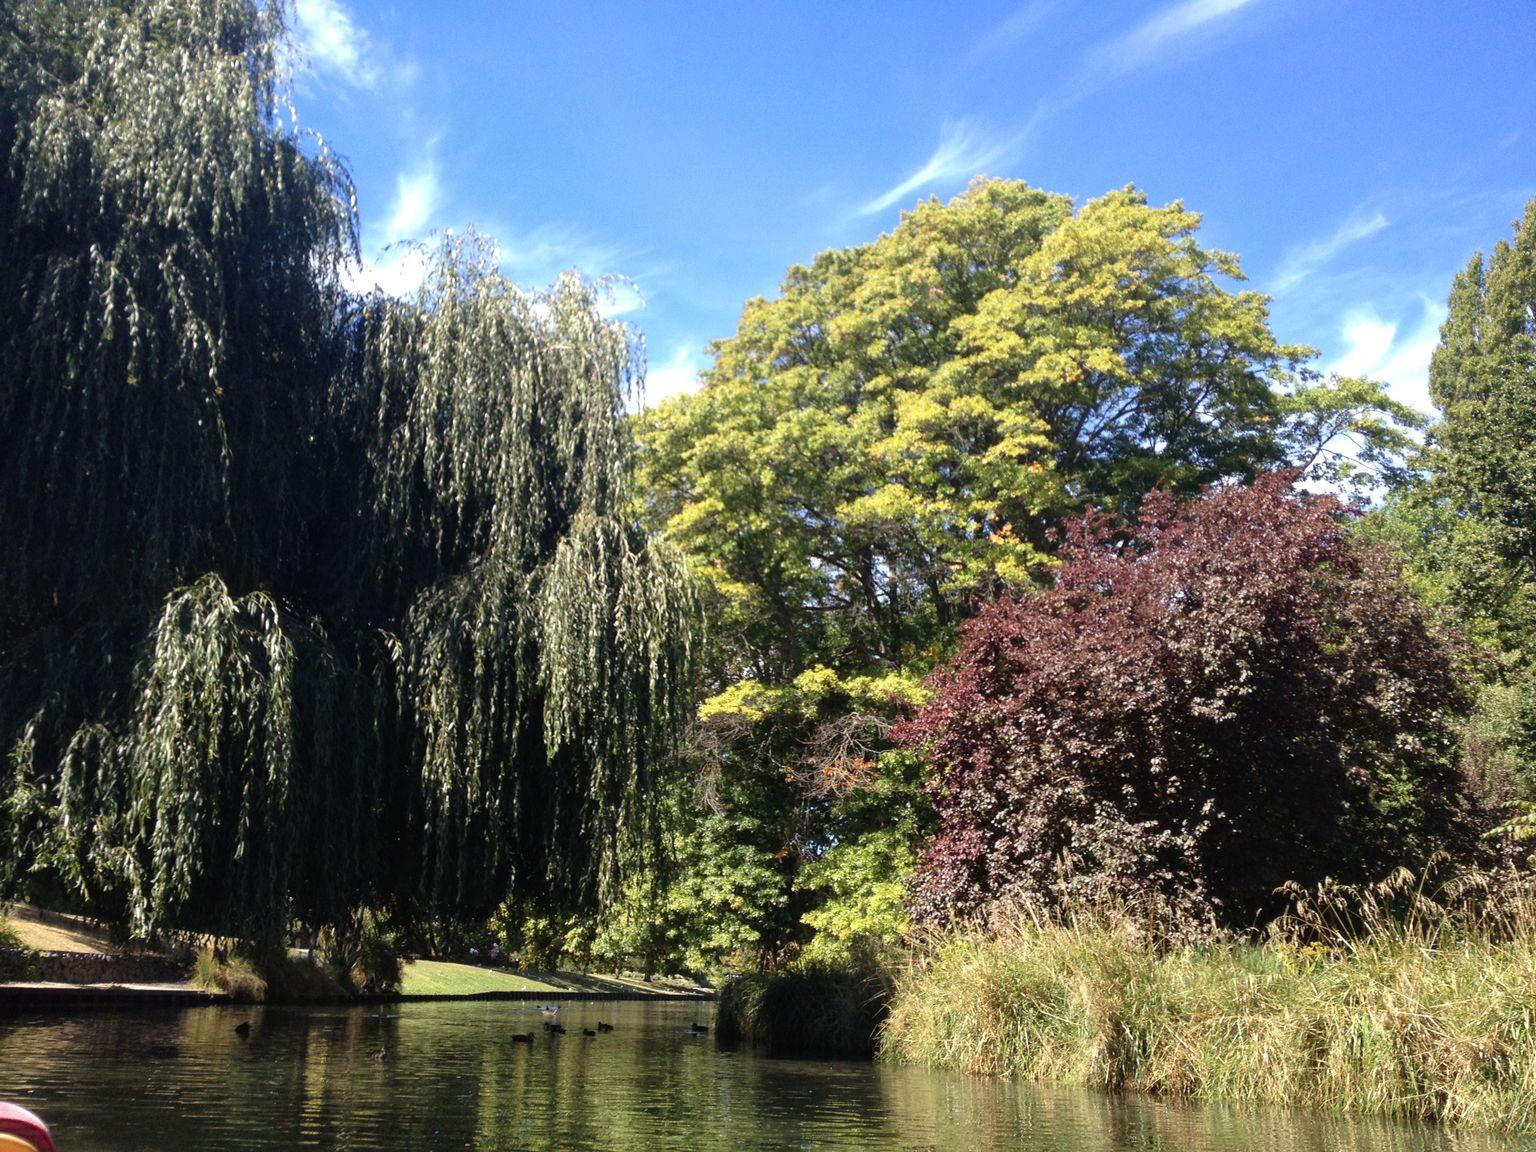 MÁS FOTOS, Con una percha en el río Avon con visita opcional a Christchurch en góndola y excursión por los Jardines Botánicos